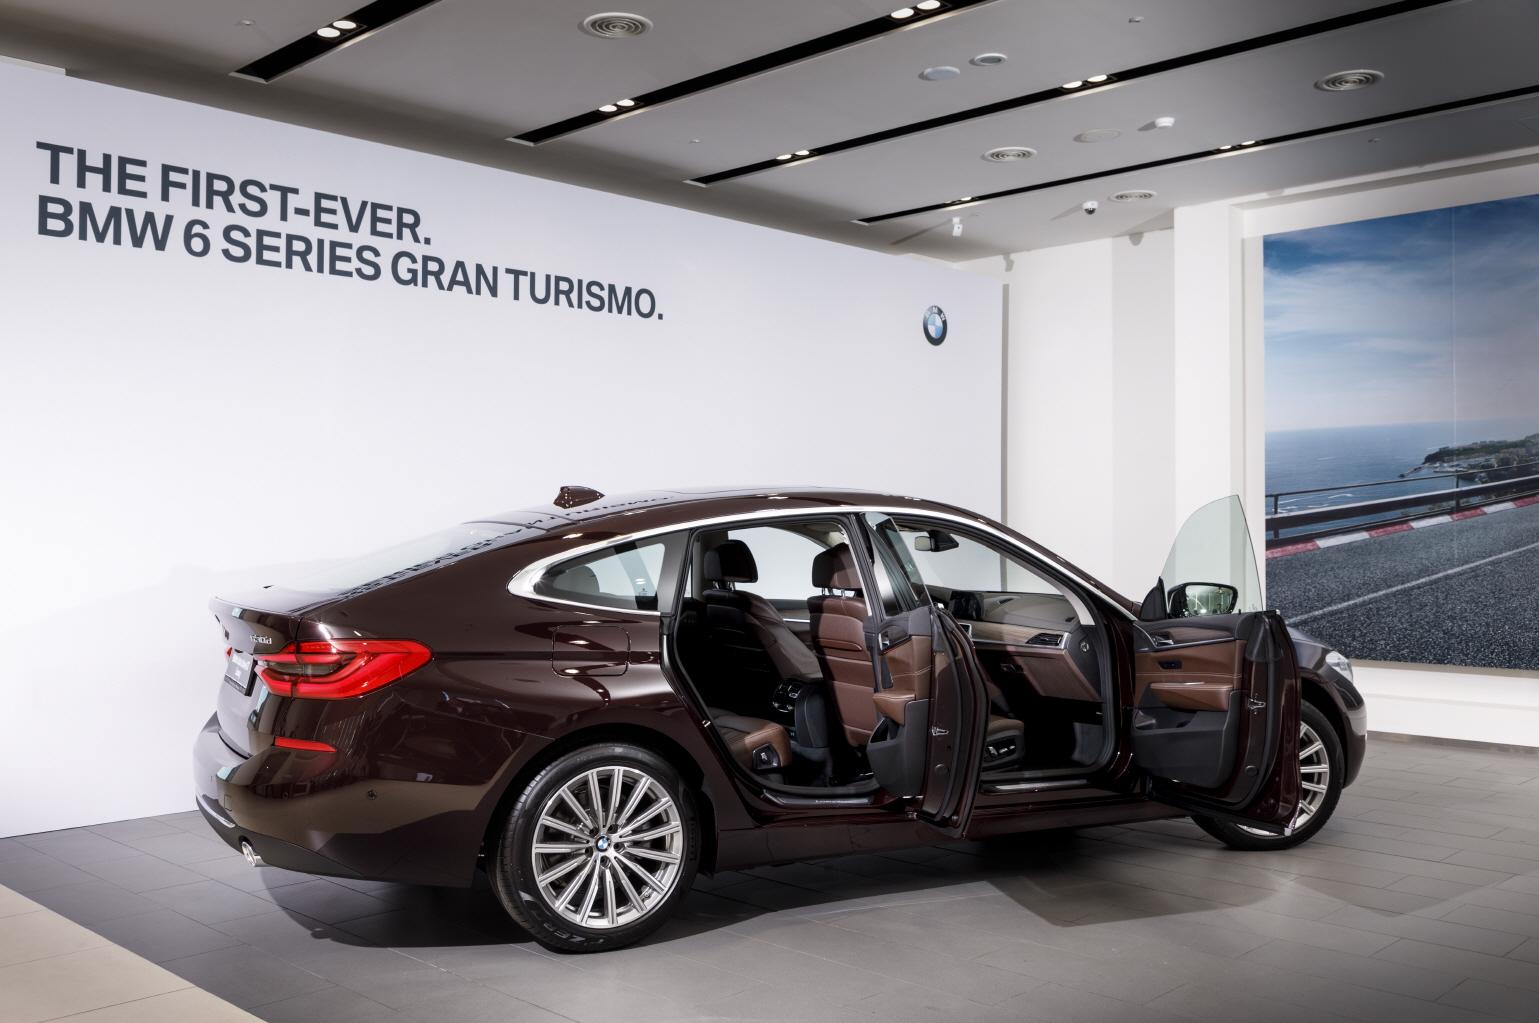 사진 - BMW 뉴 6시리즈 그란 투리스모 공개 (7)